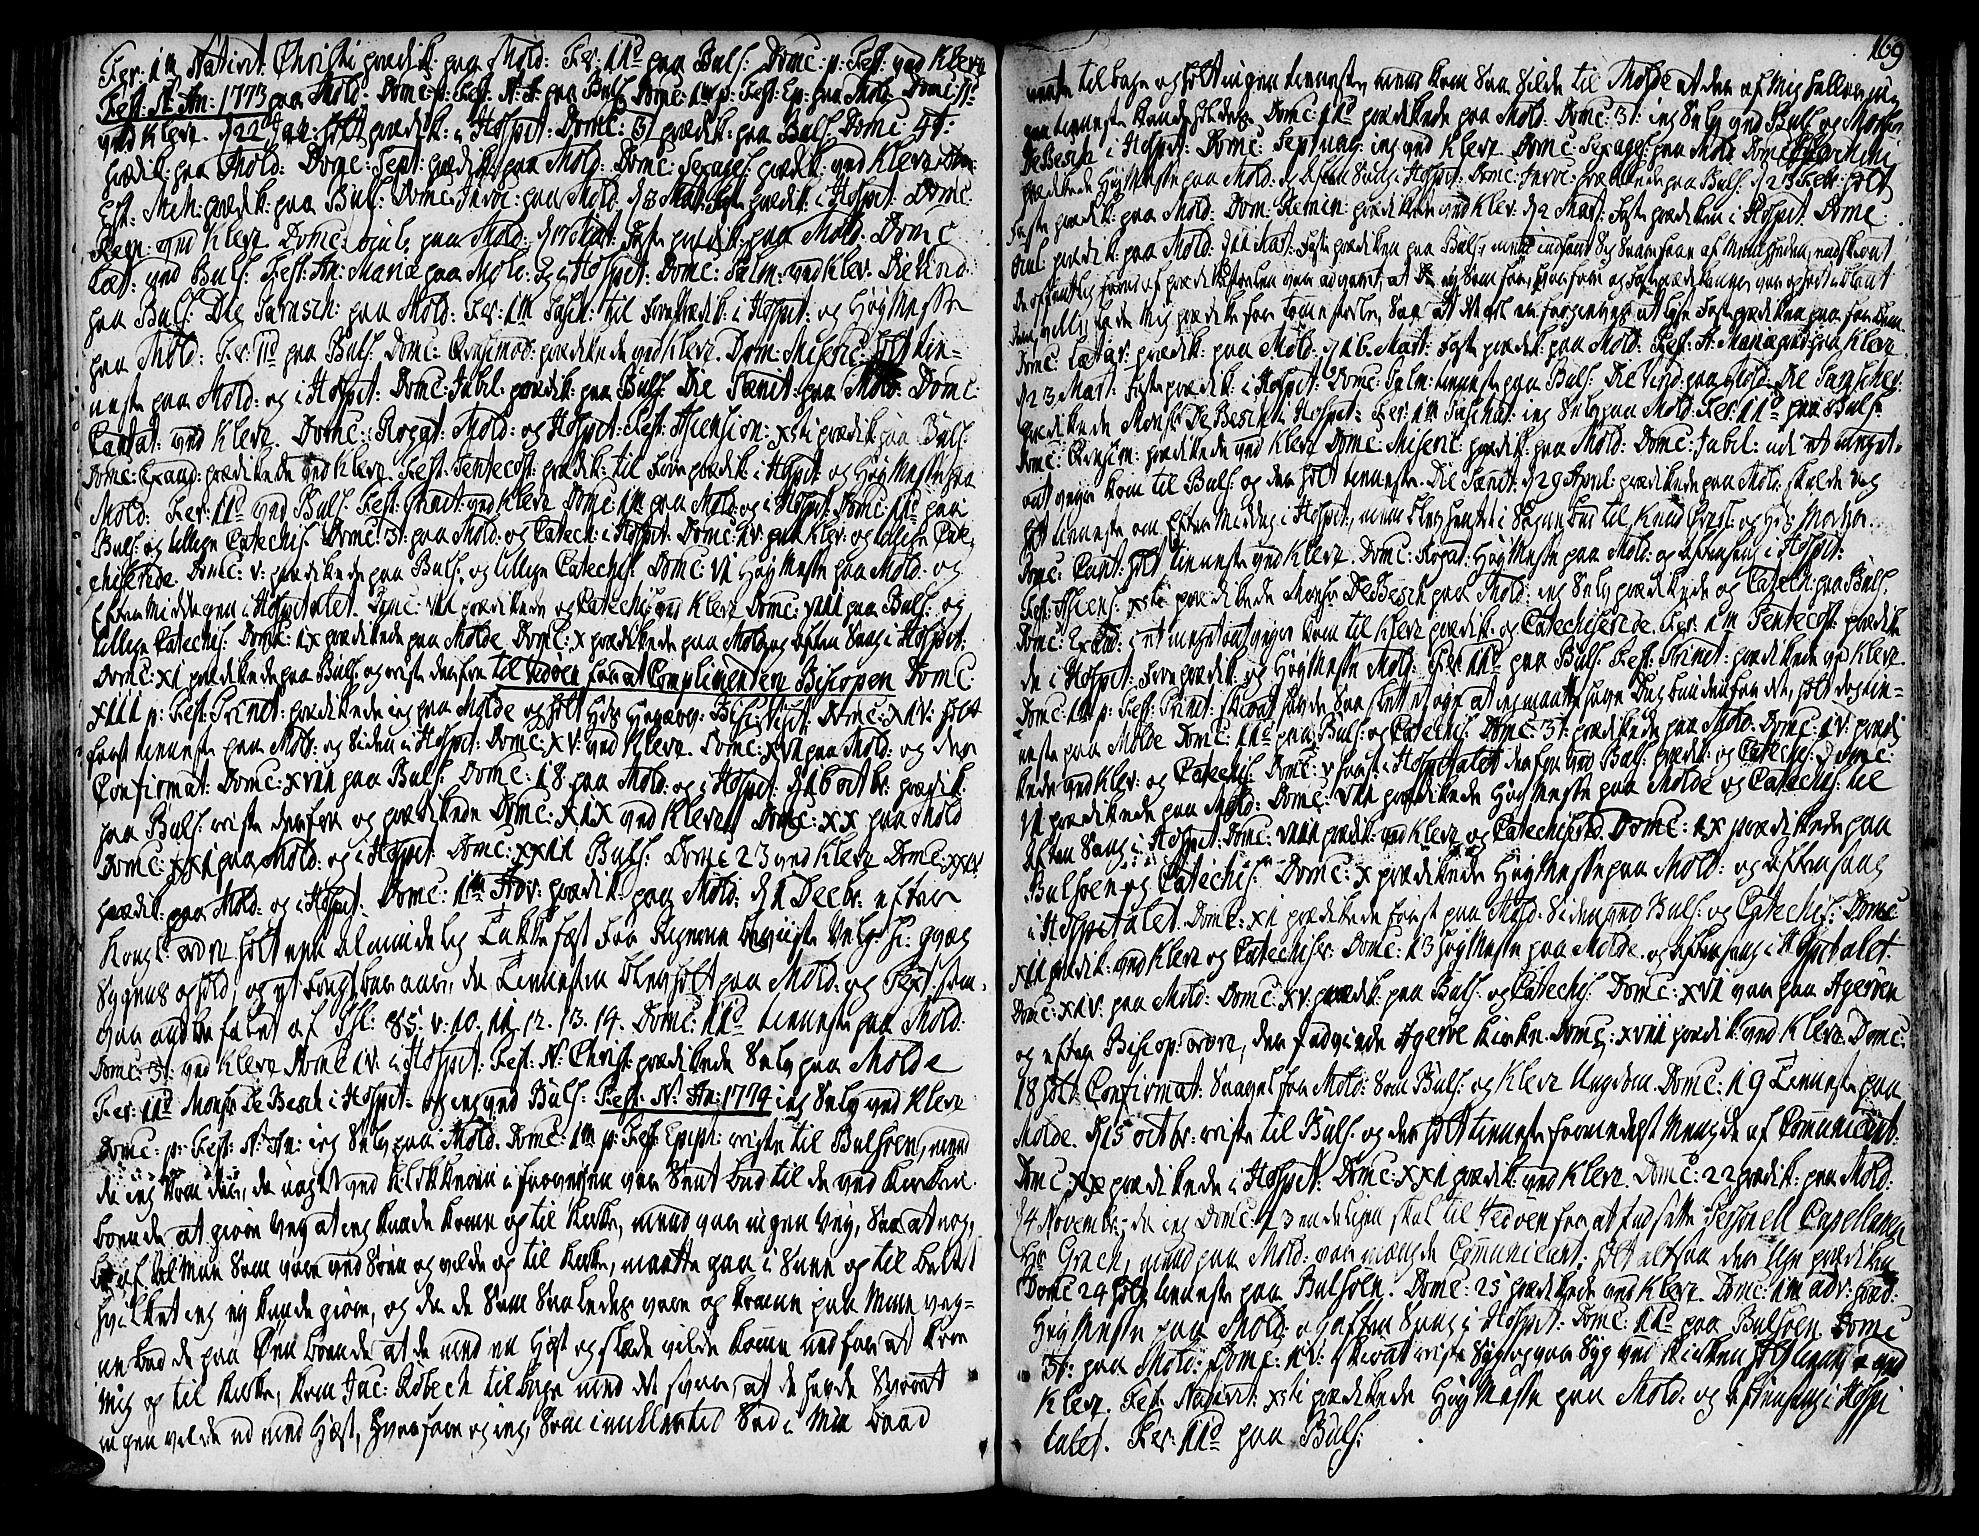 SAT, Ministerialprotokoller, klokkerbøker og fødselsregistre - Møre og Romsdal, 555/L0648: Ministerialbok nr. 555A01, 1759-1793, s. 169